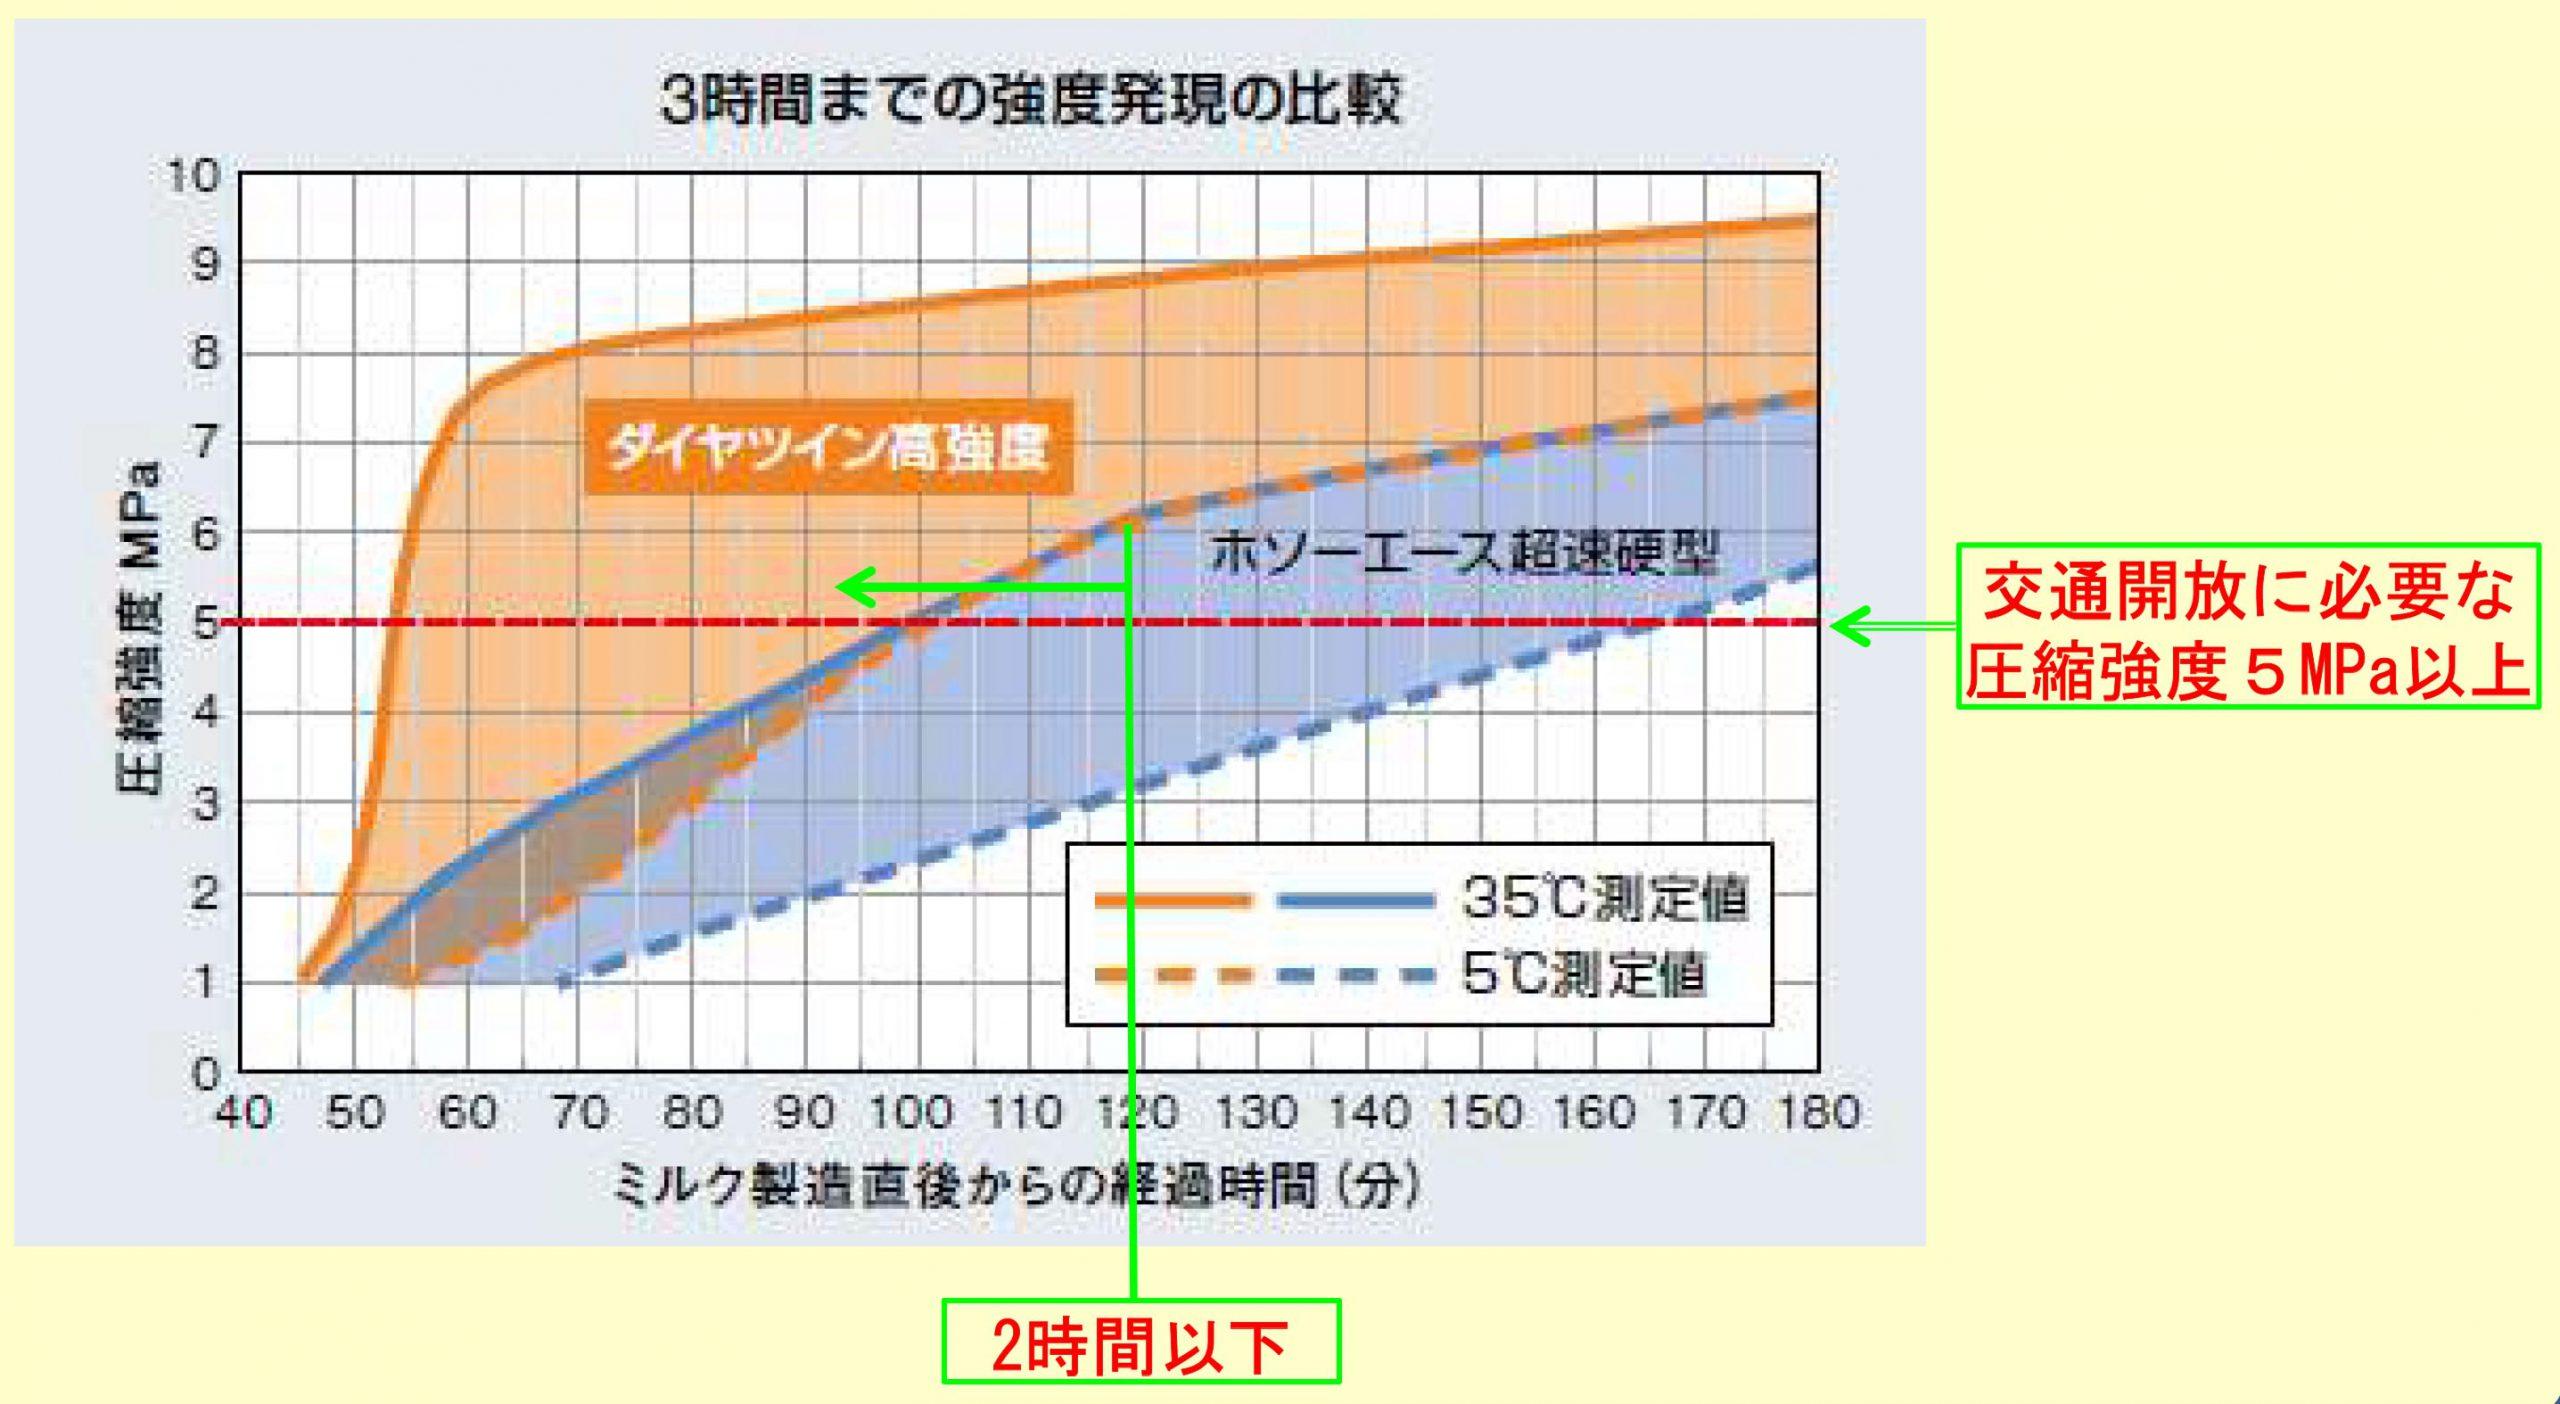 養生2時間で開放強度5MPa以上の圧縮強度が得られる